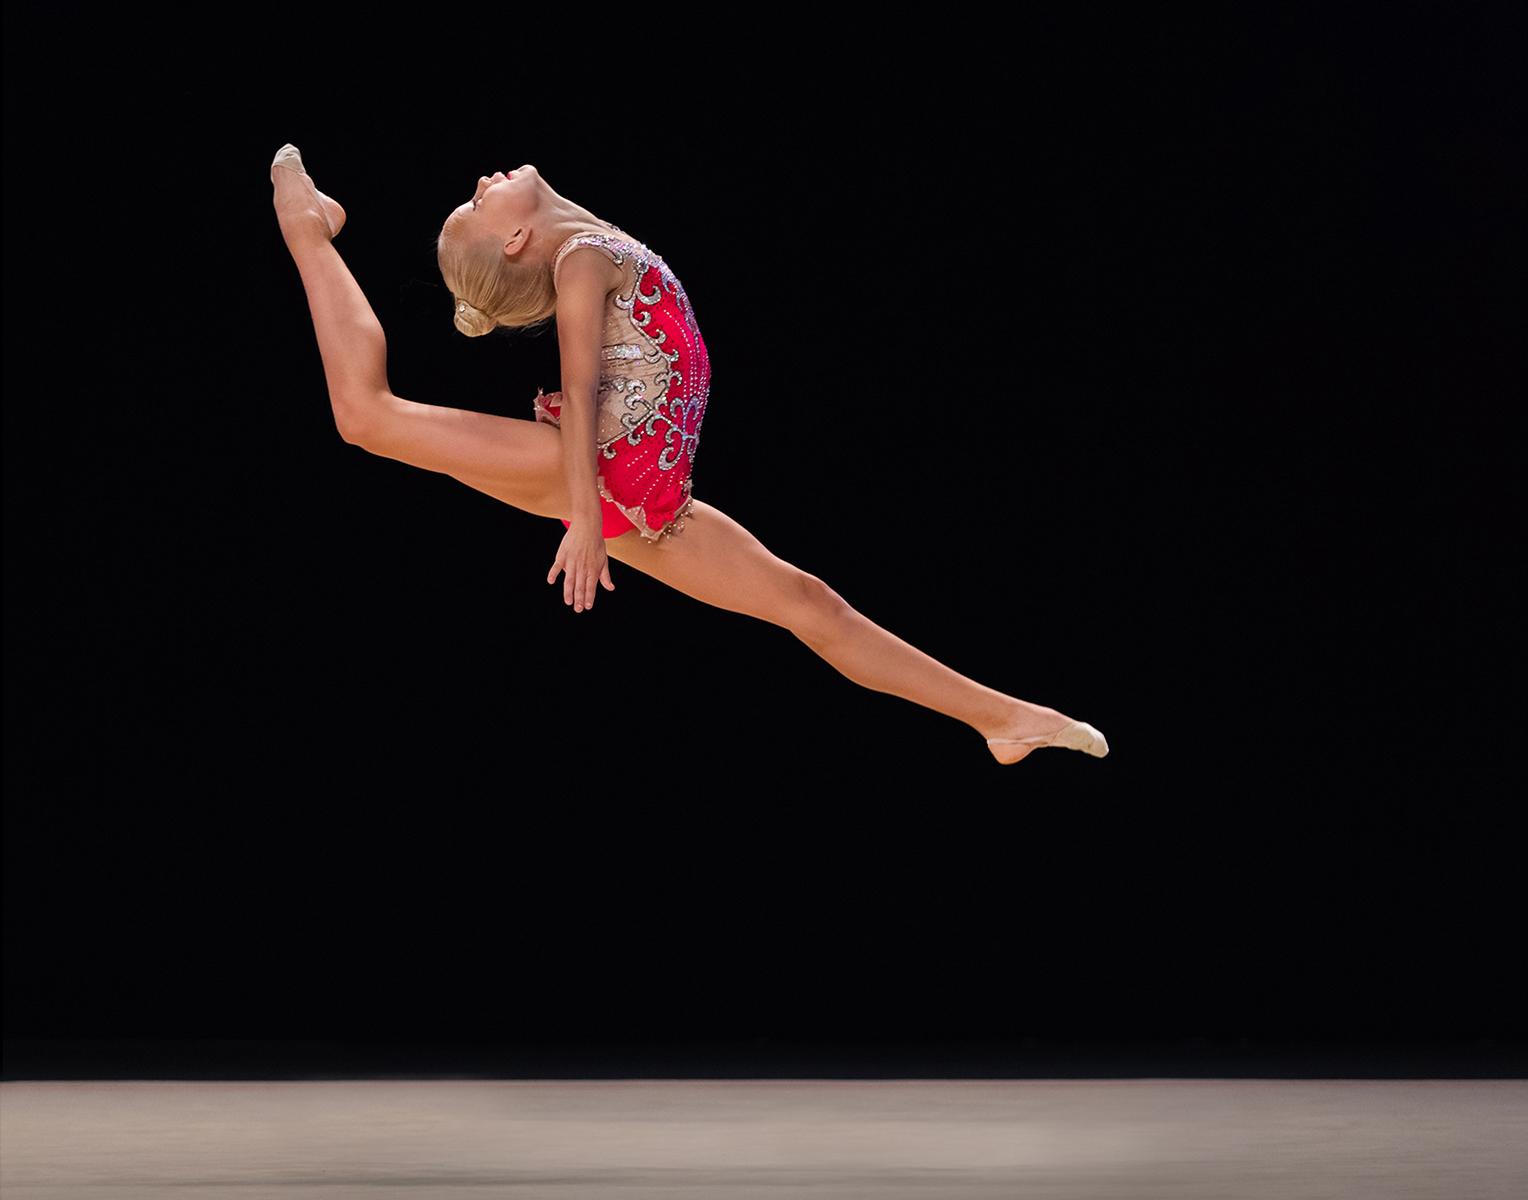 N0353530_Noel Patterson_Graceful Leap